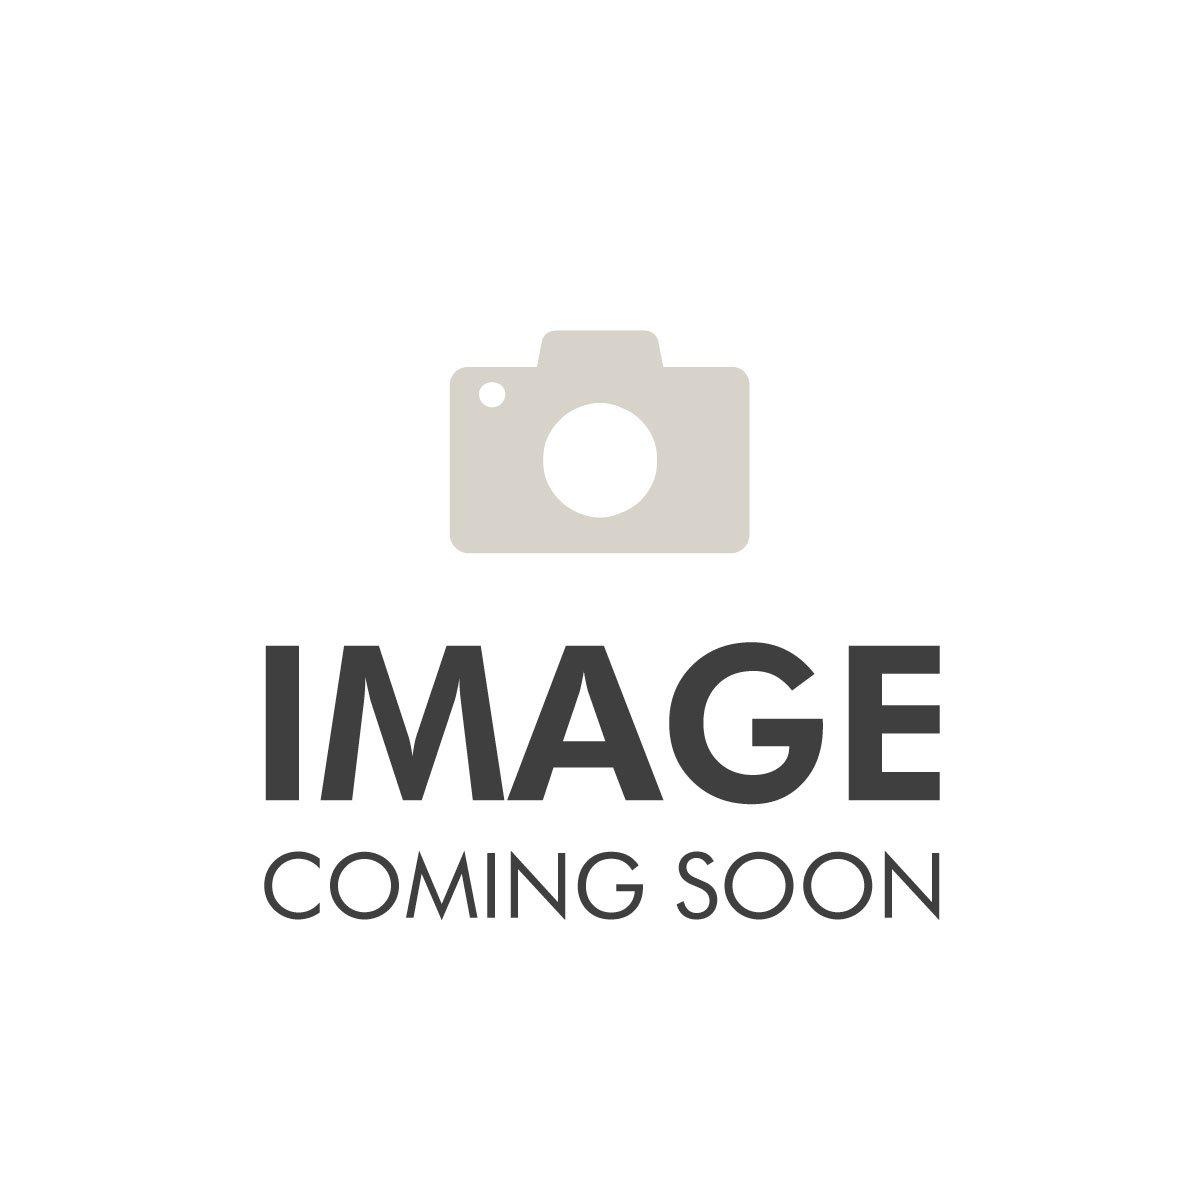 PBT - Poignée isolée - Belge - Modèle A